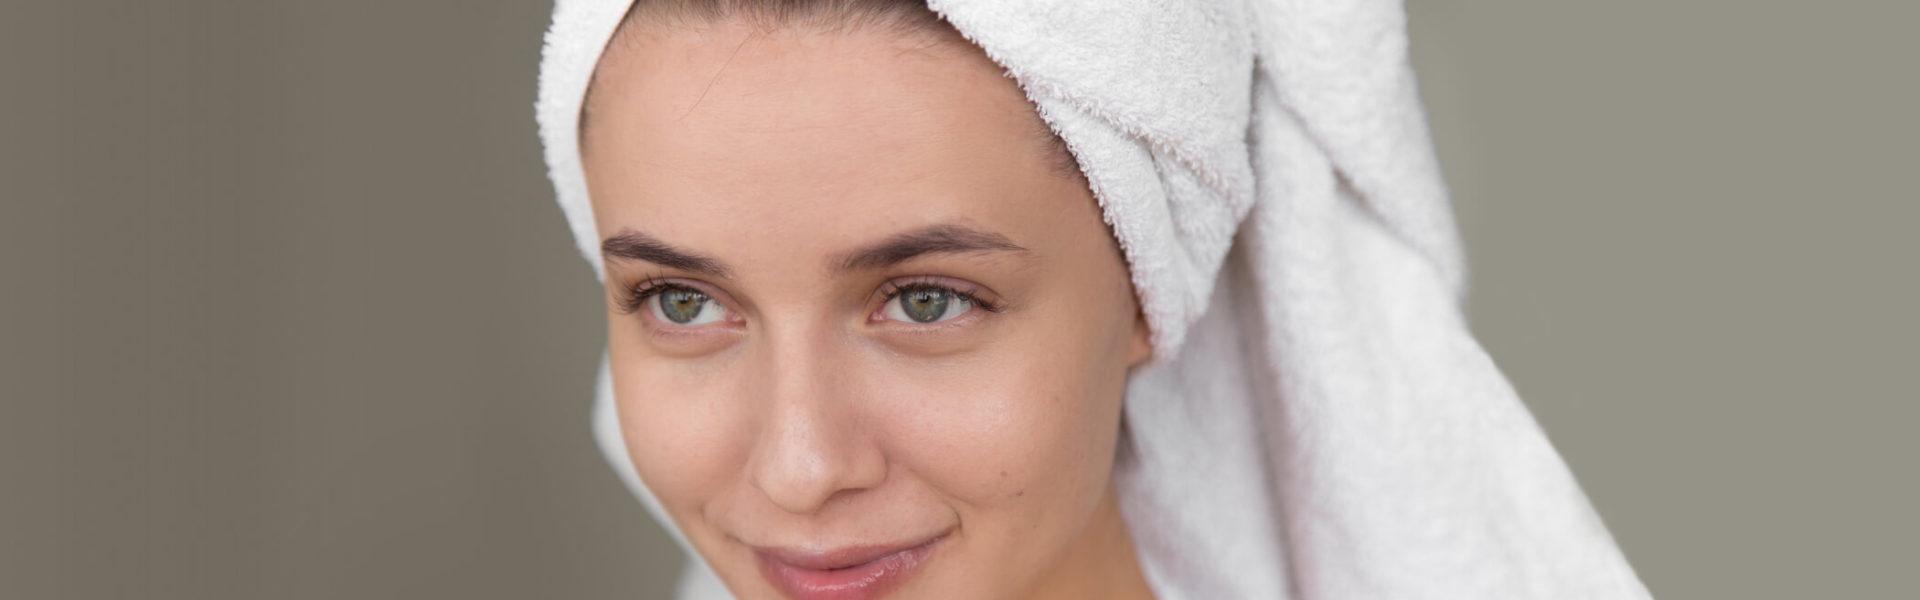 Limpieza Facial y Automasaje - Cleanse Me - Alice in Beautyland Blog Limpieza del Rostro Feliz